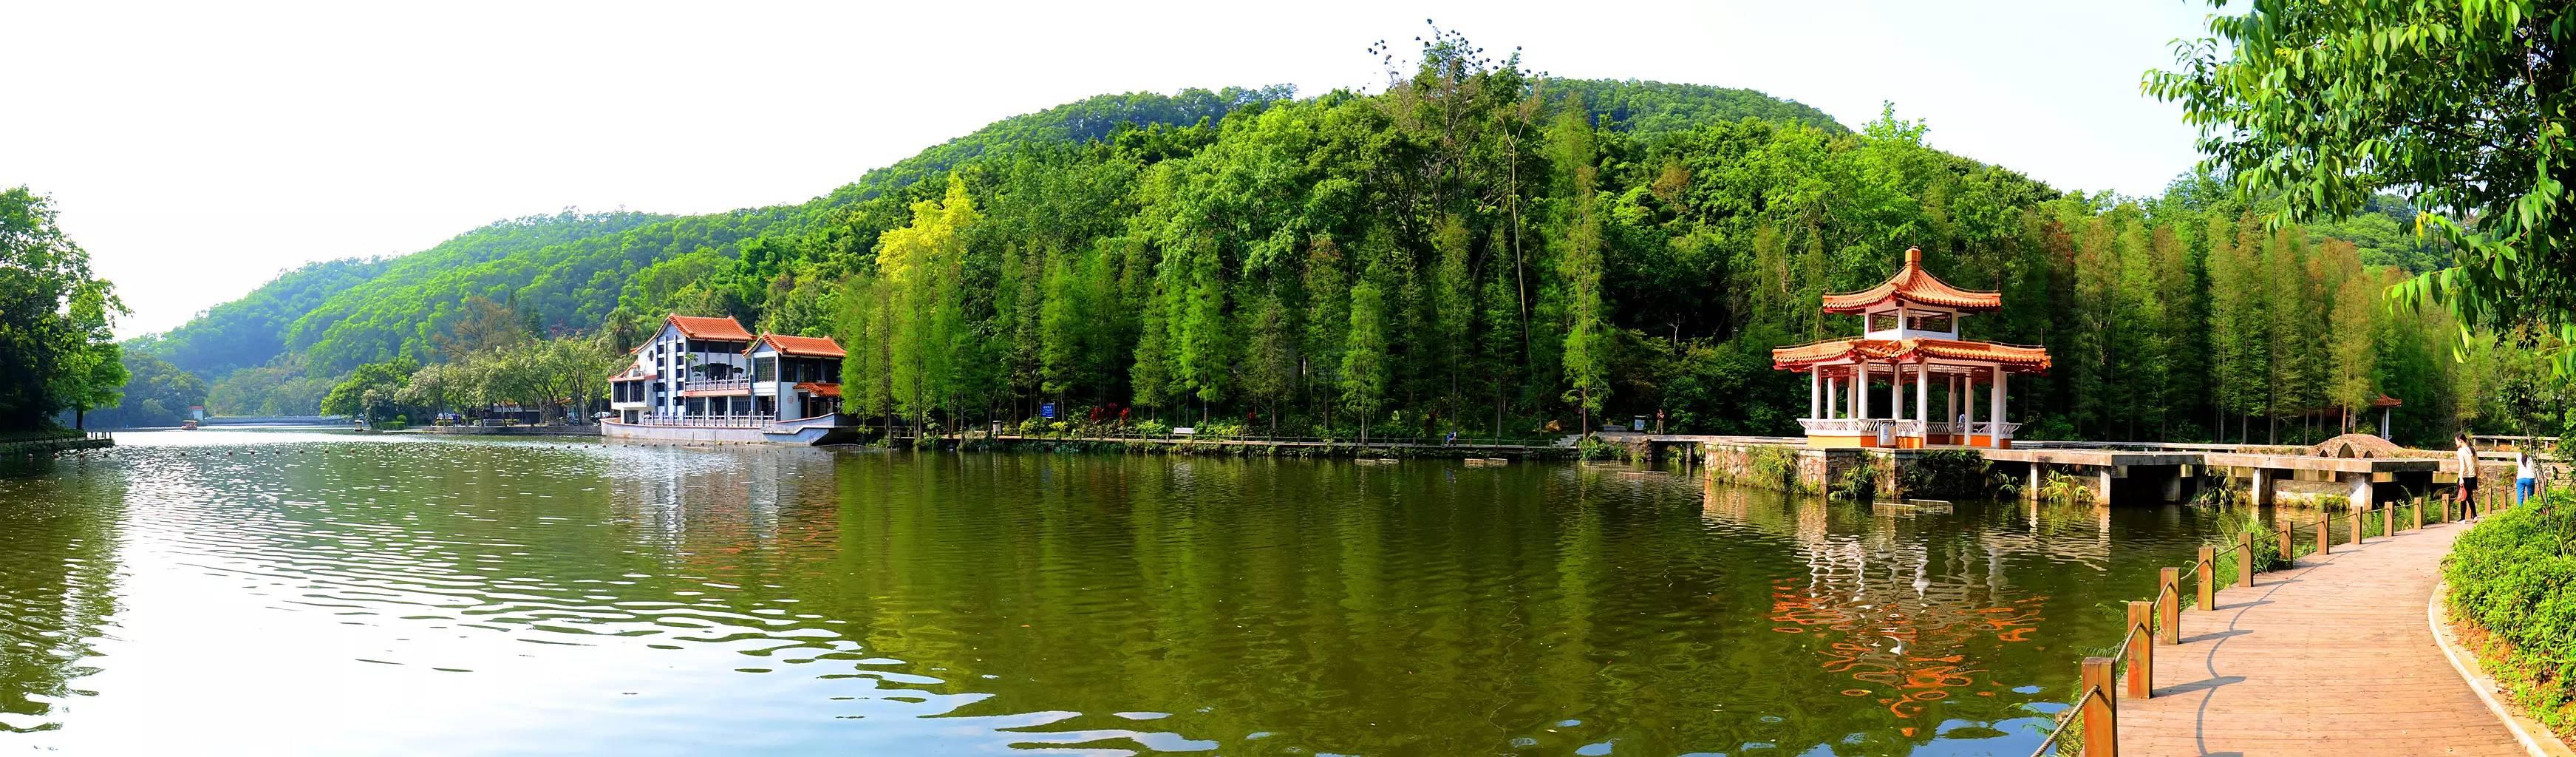 山水田园农庄团_观澜山水田园是深圳首家大型生态水上乐园,占地2万余平方米.